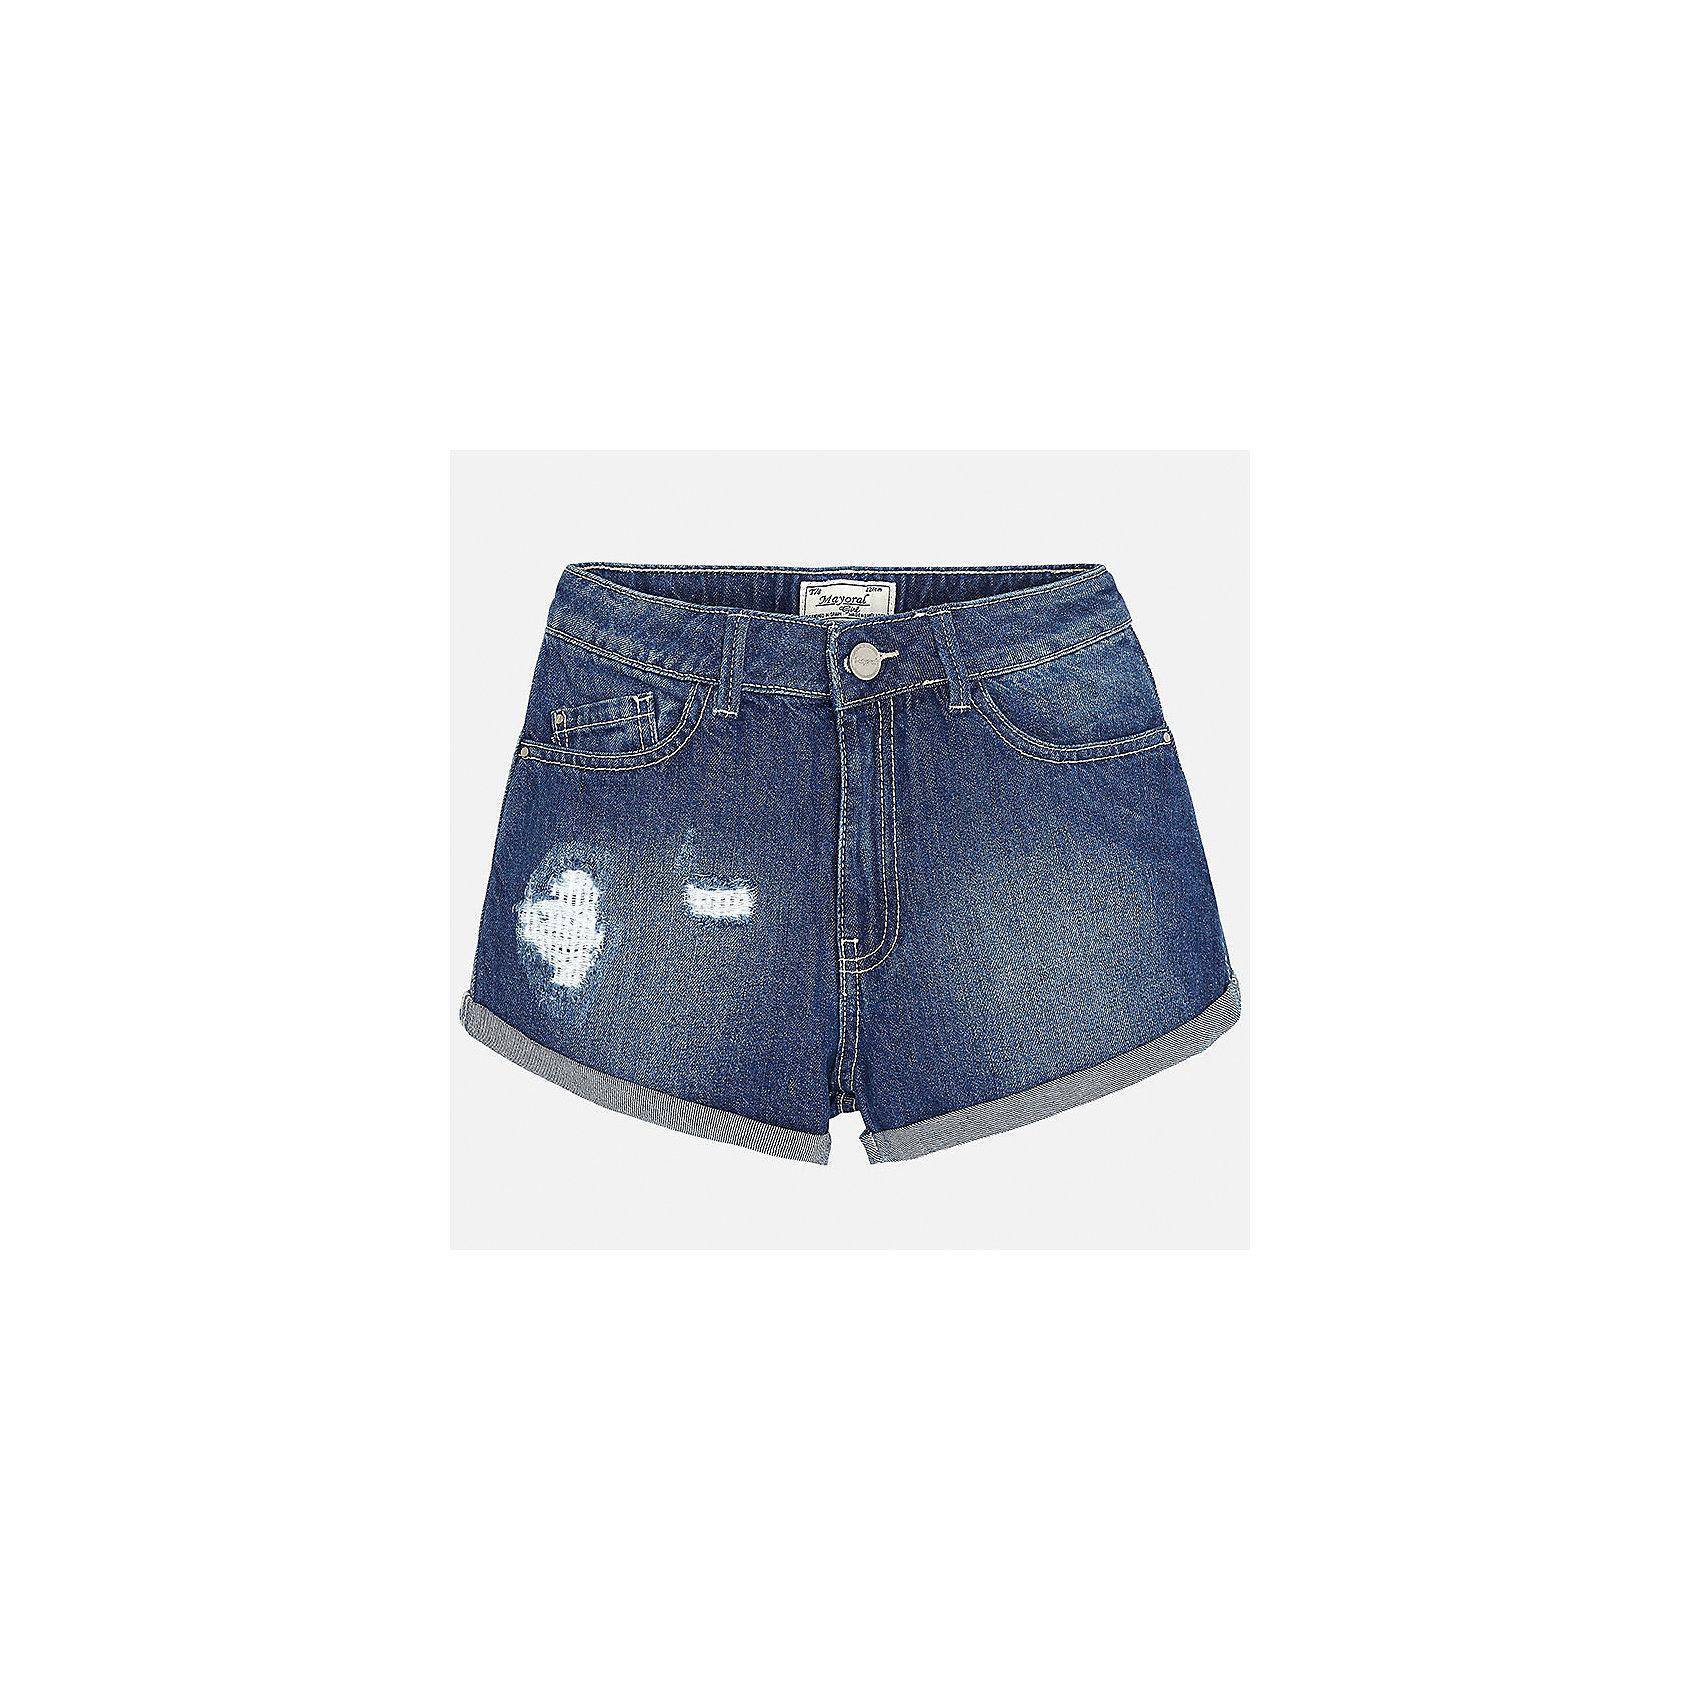 Шорты джинсовые для девочки MayoralШорты, бриджи, капри<br>Характеристики товара:<br><br>• цвет: синий<br>• состав: 97% хлопок, 3% эластан<br>• эффект потертости<br>• карманы<br>• пояс с регулировкой объема<br>• шлевки<br>• страна бренда: Испания<br><br>Стильные легкие шорты для девочки смогут разнообразить гардероб ребенка и украсить наряд. Они отлично сочетаются с майками, футболками, блузками. Красивый оттенок позволяет подобрать к вещи верх разных расцветок. Интересный крой модели делает её нарядной и оригинальной. В составе материала - натуральный хлопок, гипоаллергенный, приятный на ощупь, дышащий.<br><br>Одежда, обувь и аксессуары от испанского бренда Mayoral полюбились детям и взрослым по всему миру. Модели этой марки - стильные и удобные. Для их производства используются только безопасные, качественные материалы и фурнитура. Порадуйте ребенка модными и красивыми вещами от Mayoral! <br><br>Шорты для девочки от испанского бренда Mayoral (Майорал) можно купить в нашем интернет-магазине.<br><br>Ширина мм: 191<br>Глубина мм: 10<br>Высота мм: 175<br>Вес г: 273<br>Цвет: голубой<br>Возраст от месяцев: 108<br>Возраст до месяцев: 120<br>Пол: Женский<br>Возраст: Детский<br>Размер: 140,158,152,164,170,128/134<br>SKU: 5292645